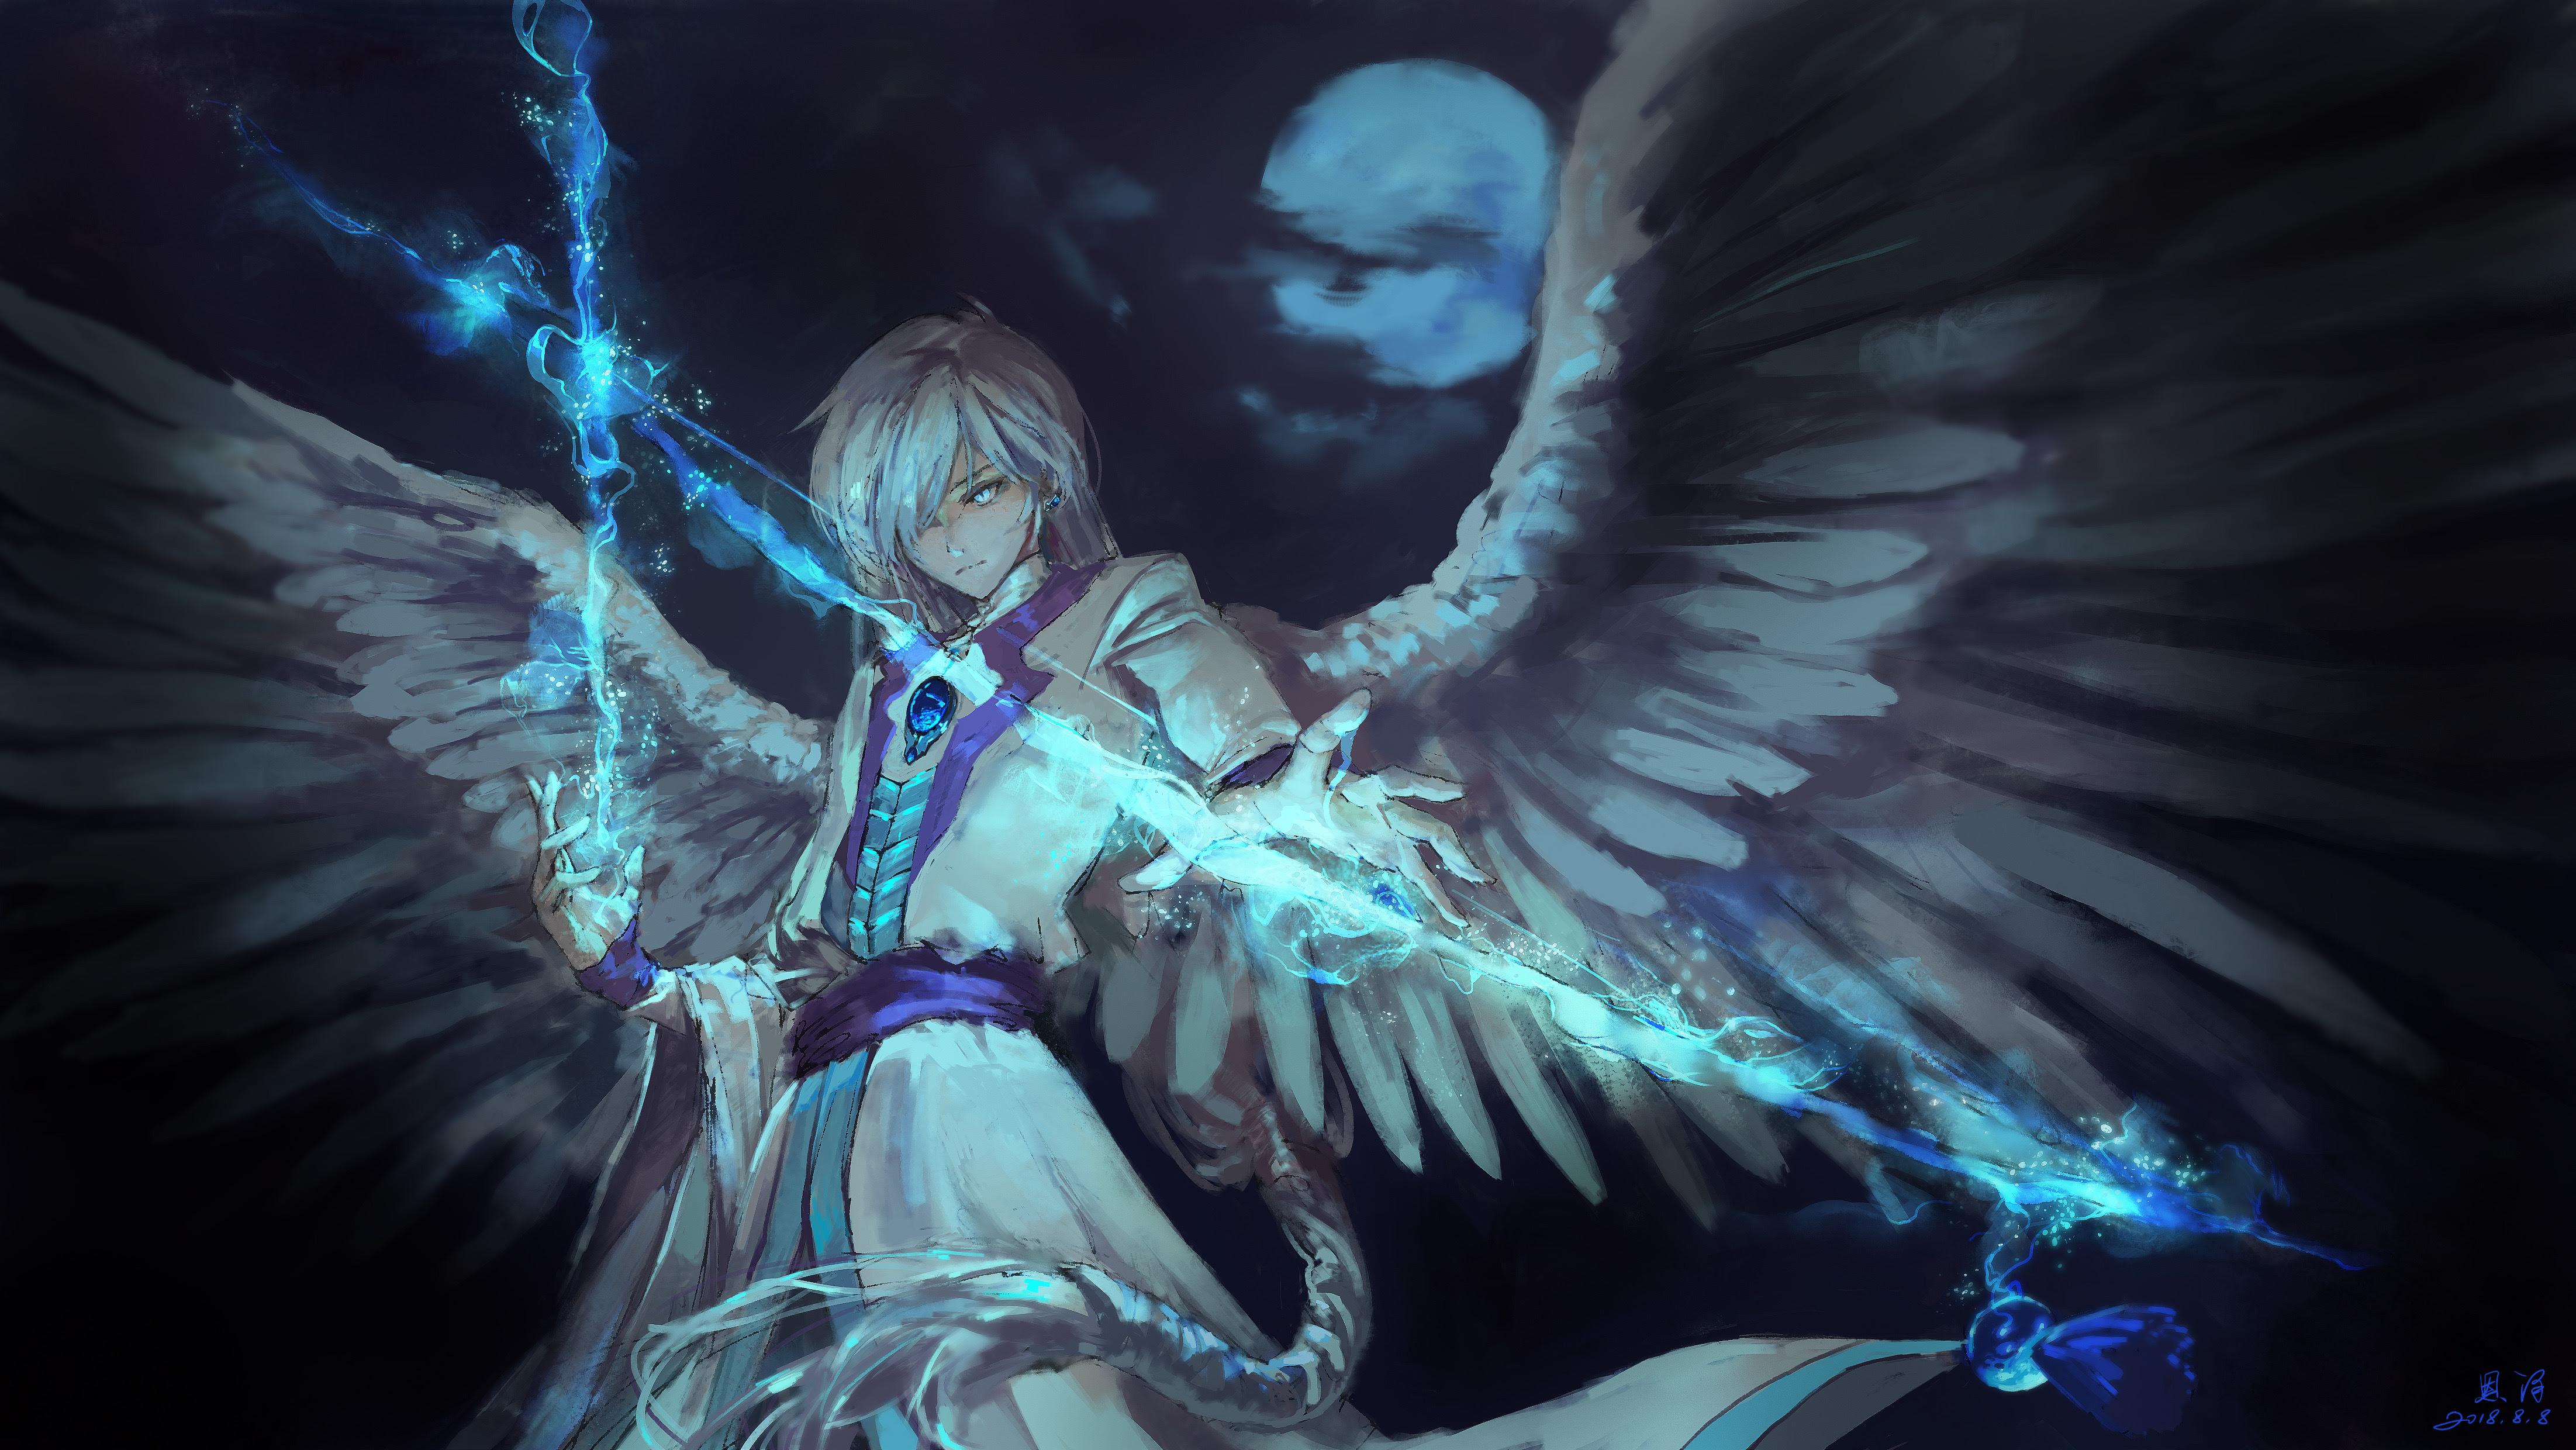 Anime Angel Boy With Magical Arrow, HD Anime, 4k ...